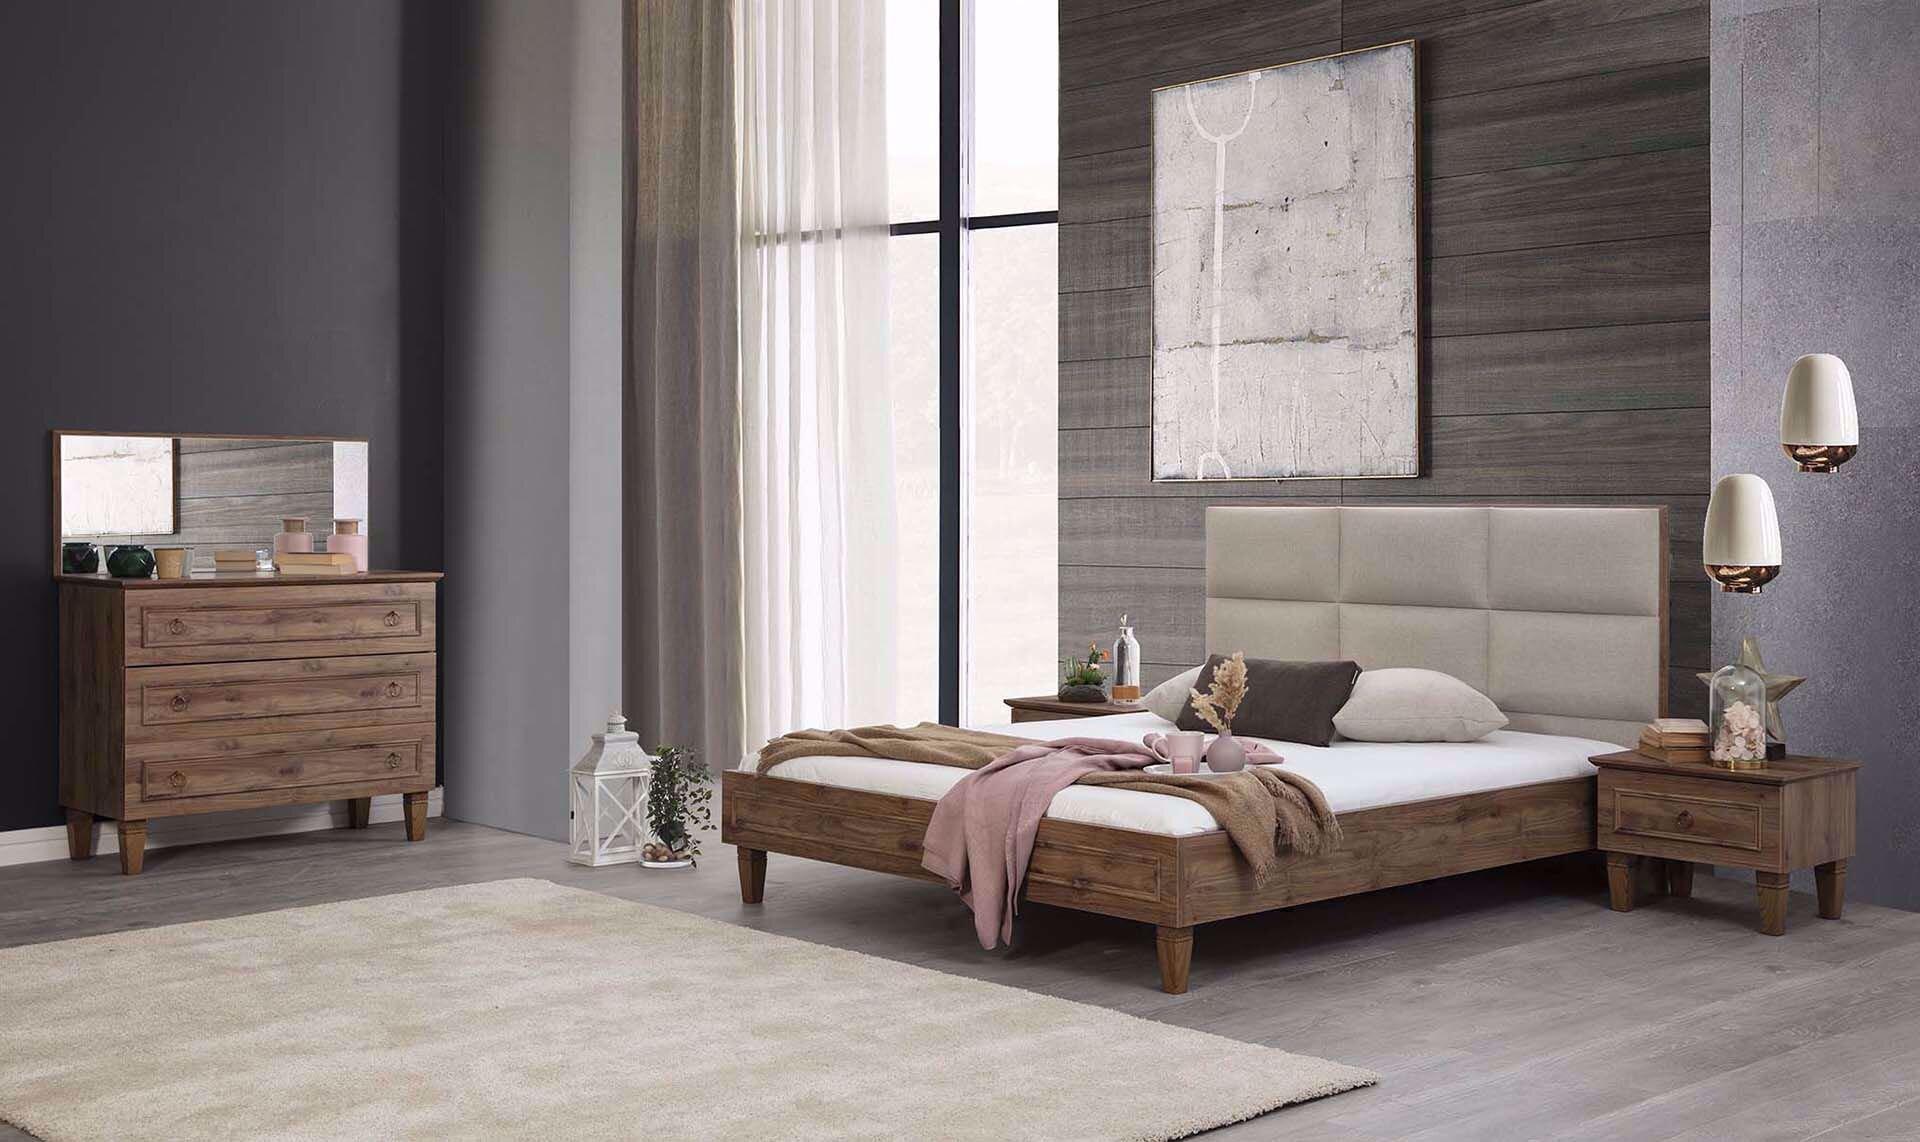 Cara Bedstead 180*200cm (Incl. Headboard) (Amalfi Walnut)